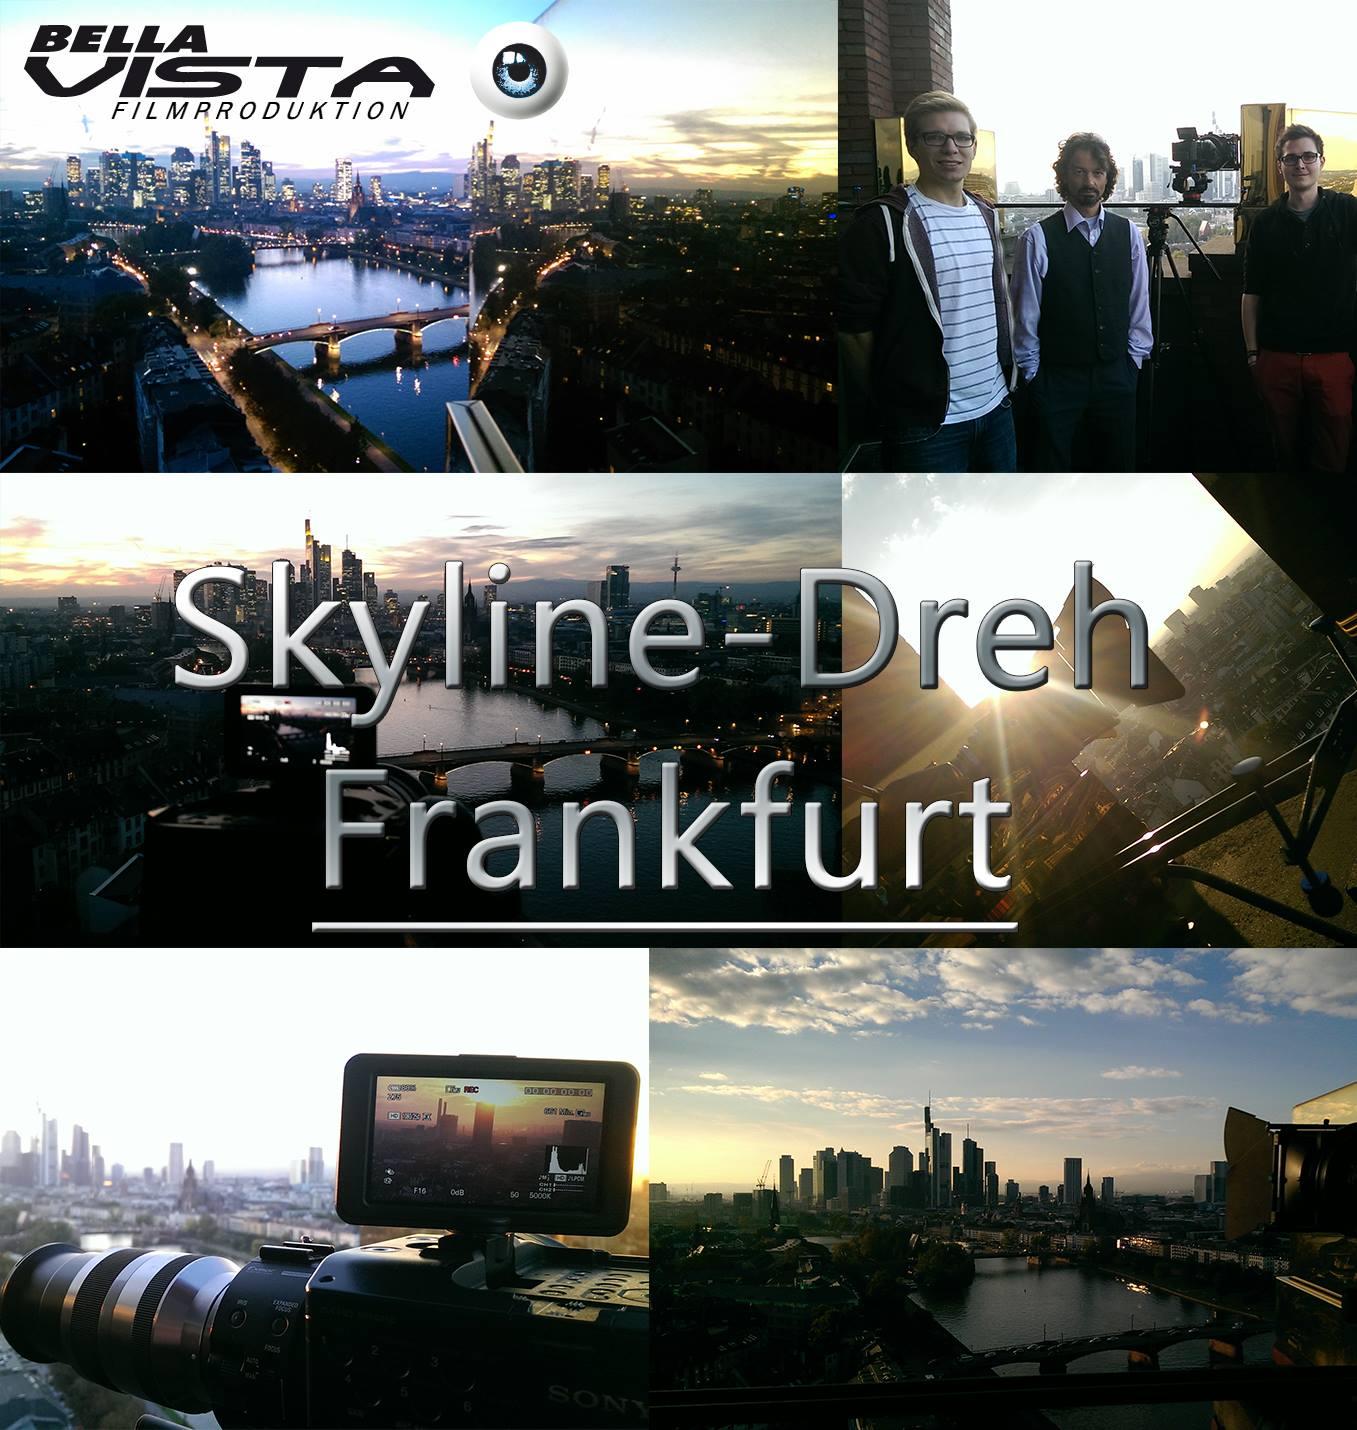 BellaVista Film beim Oktoberfest Frankfurt 2014